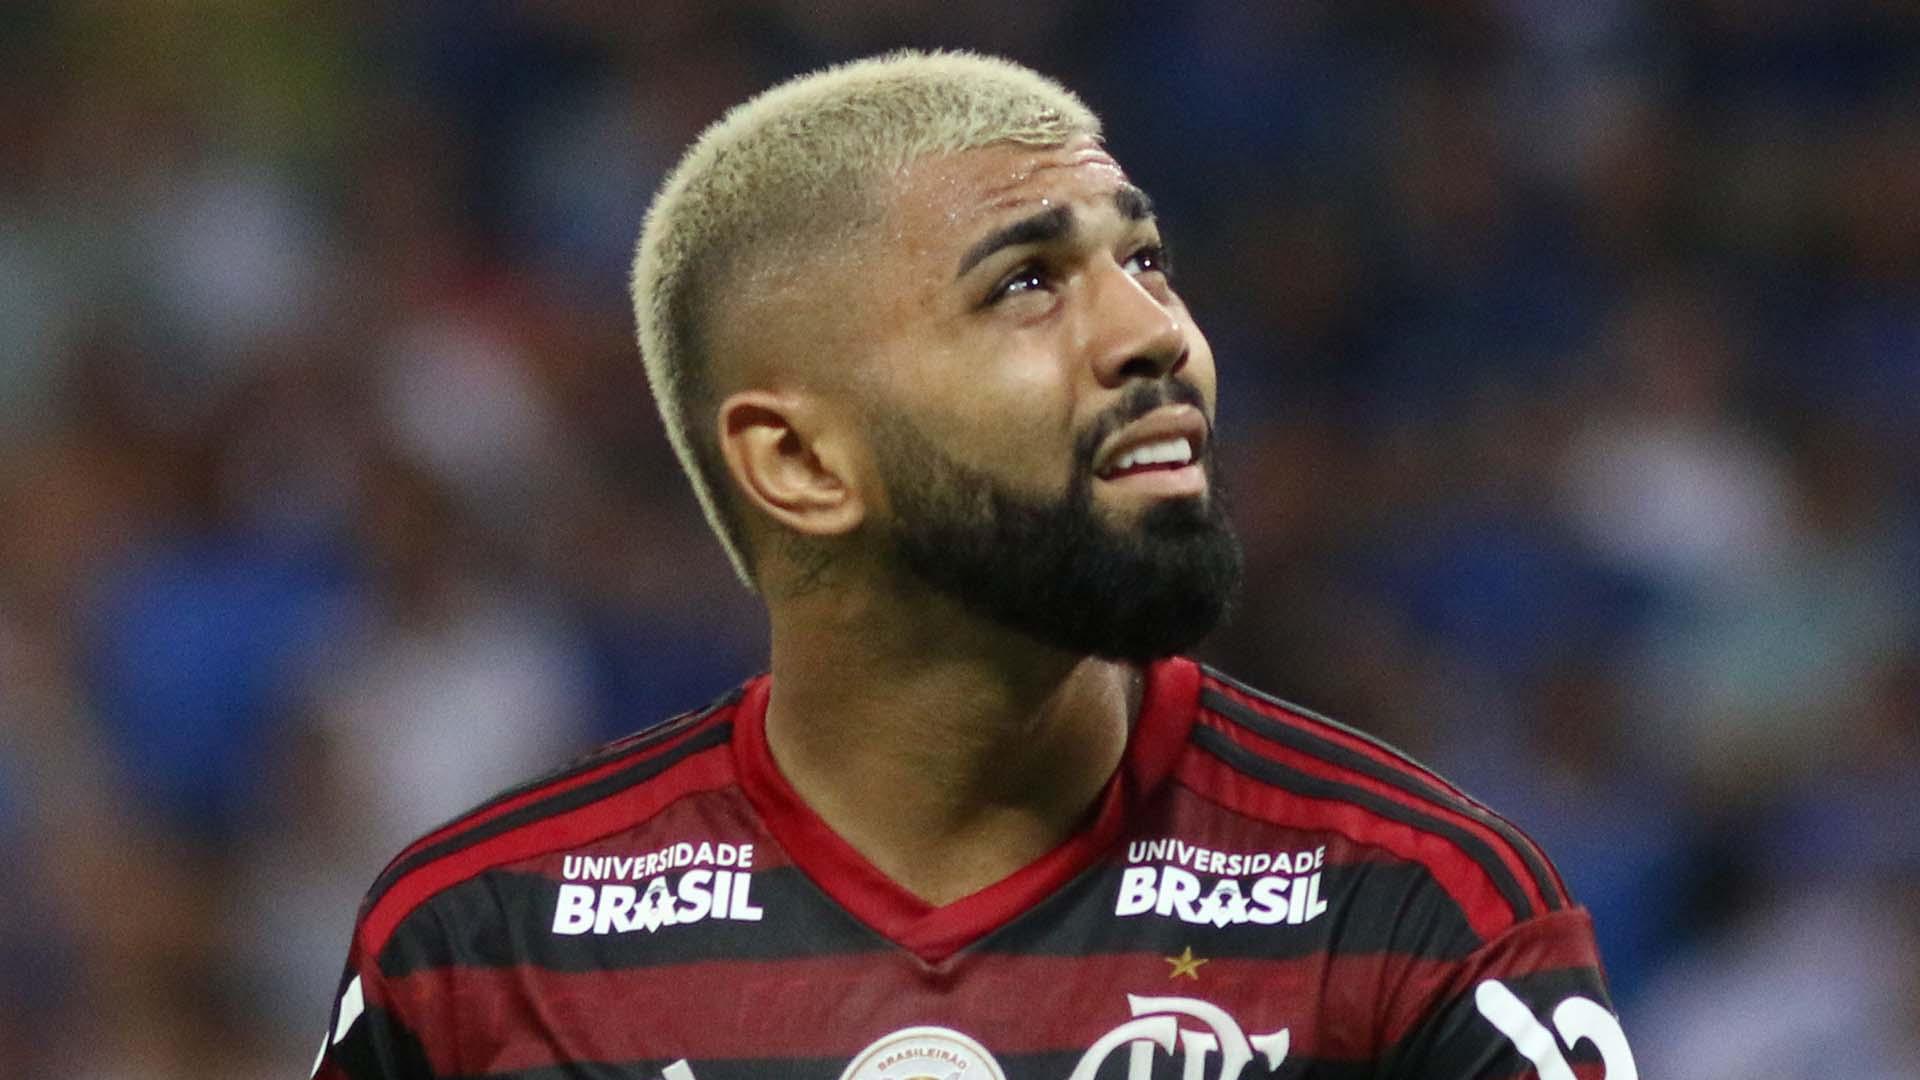 melhores atacantes do brasil gabigol